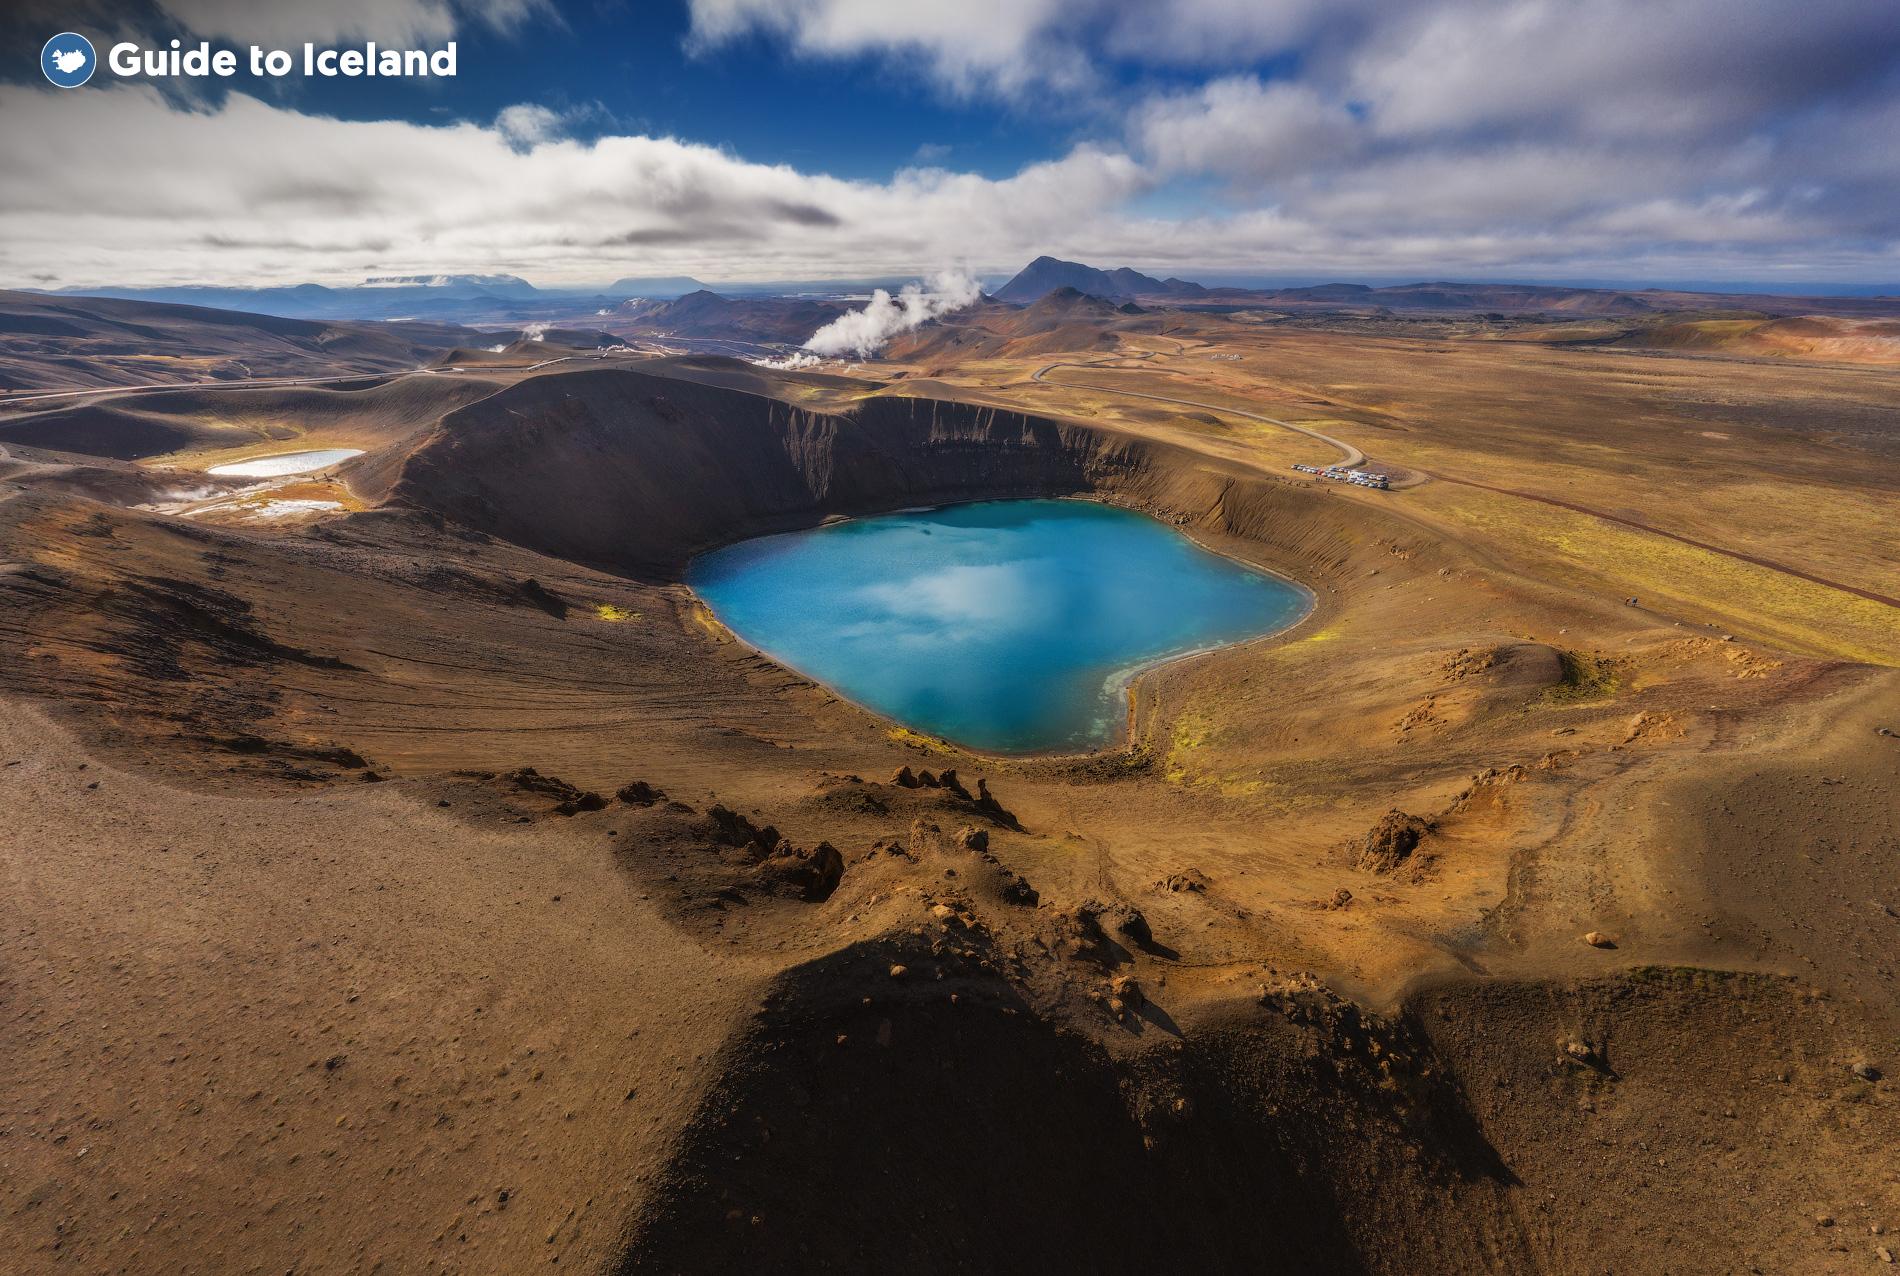 북부 아이슬란드의 지열지대의 아스비르기 협곡.